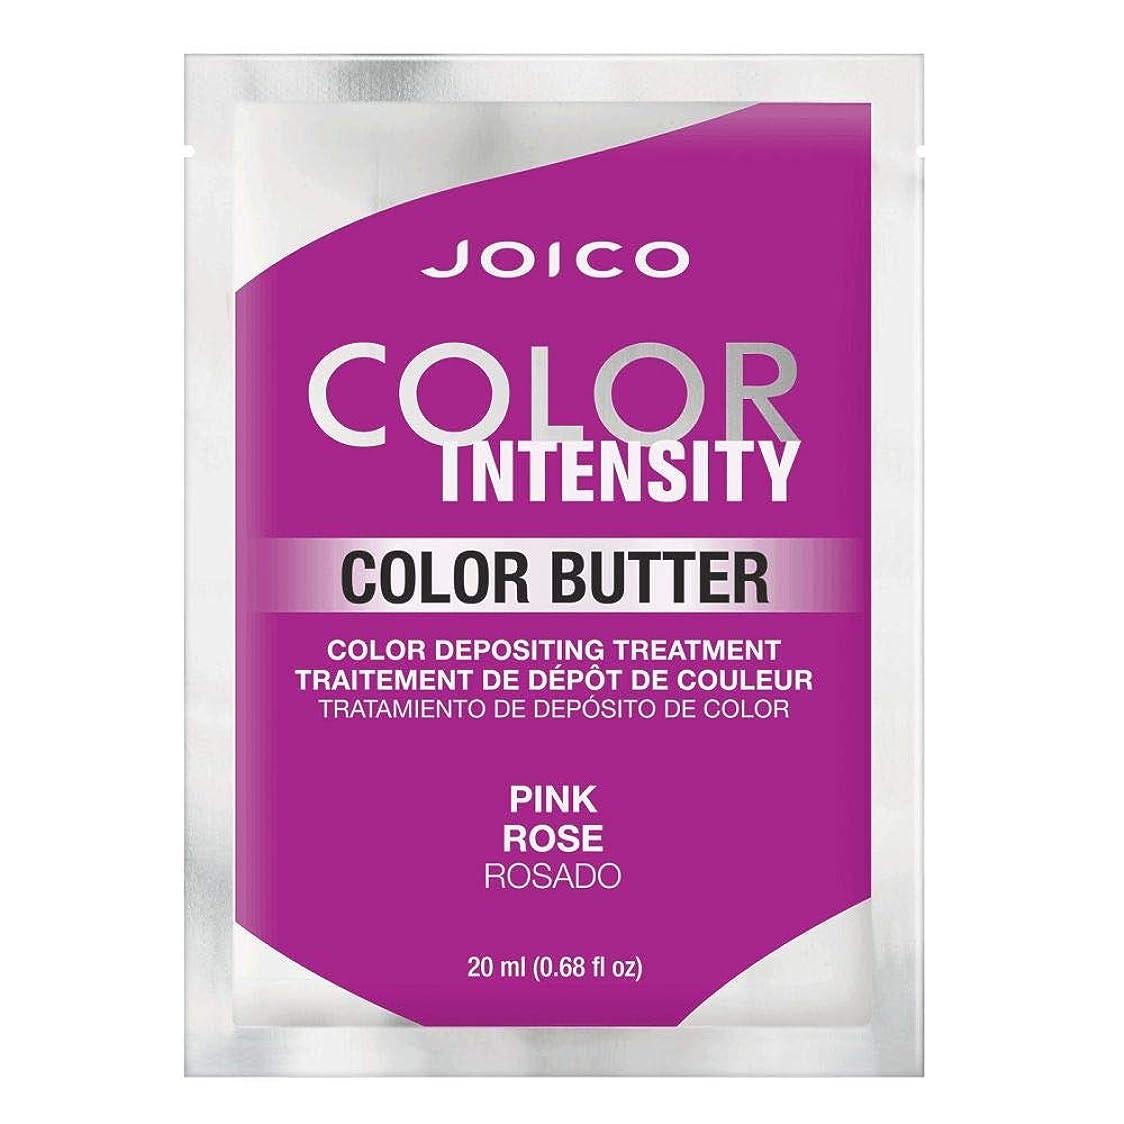 知り合いになる博物館不快Joico 色強度色バター - PINK ROSE 0.68オンス